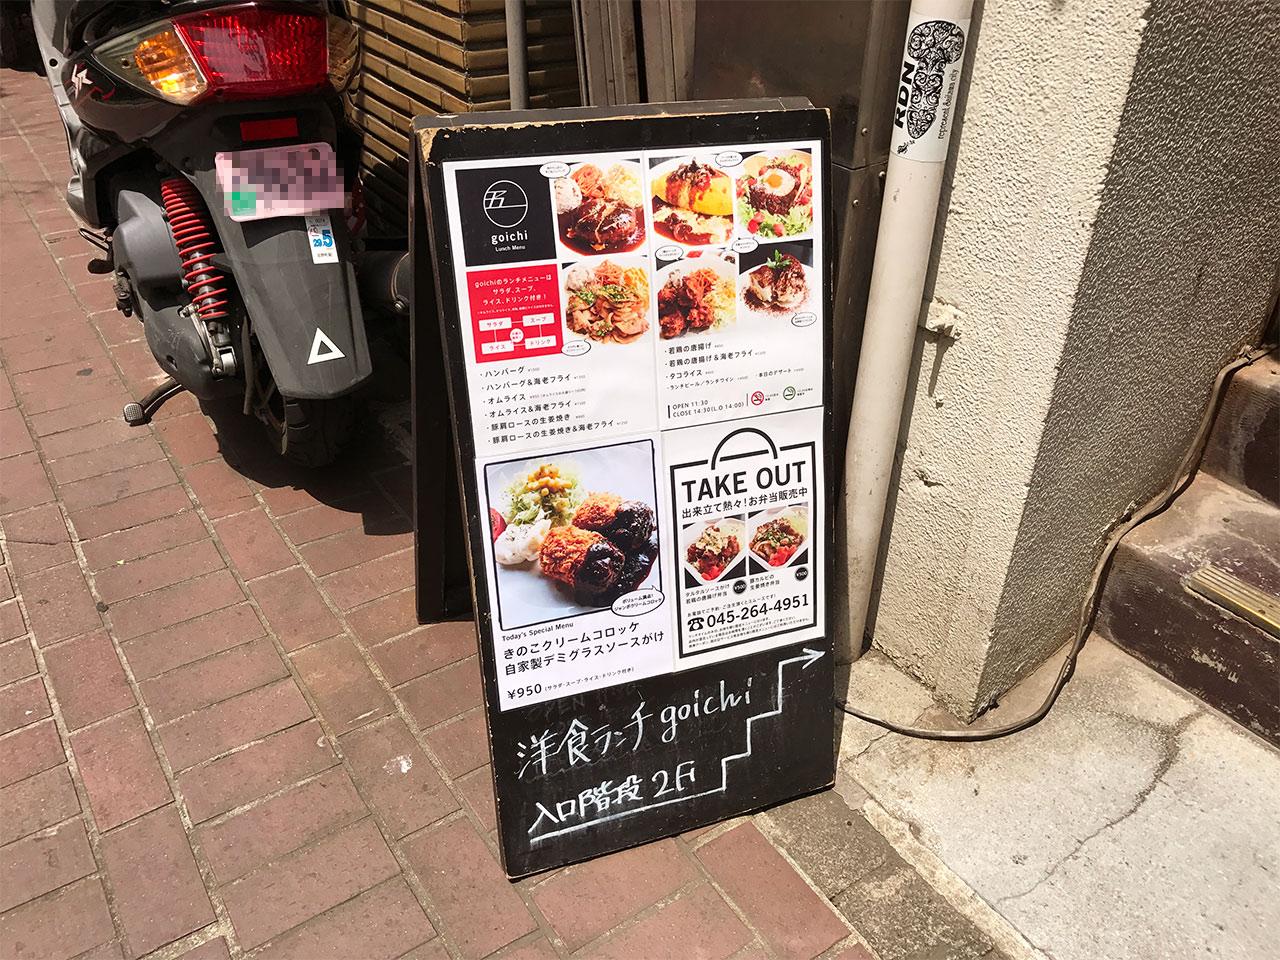 馬車道の「goichi」の看板